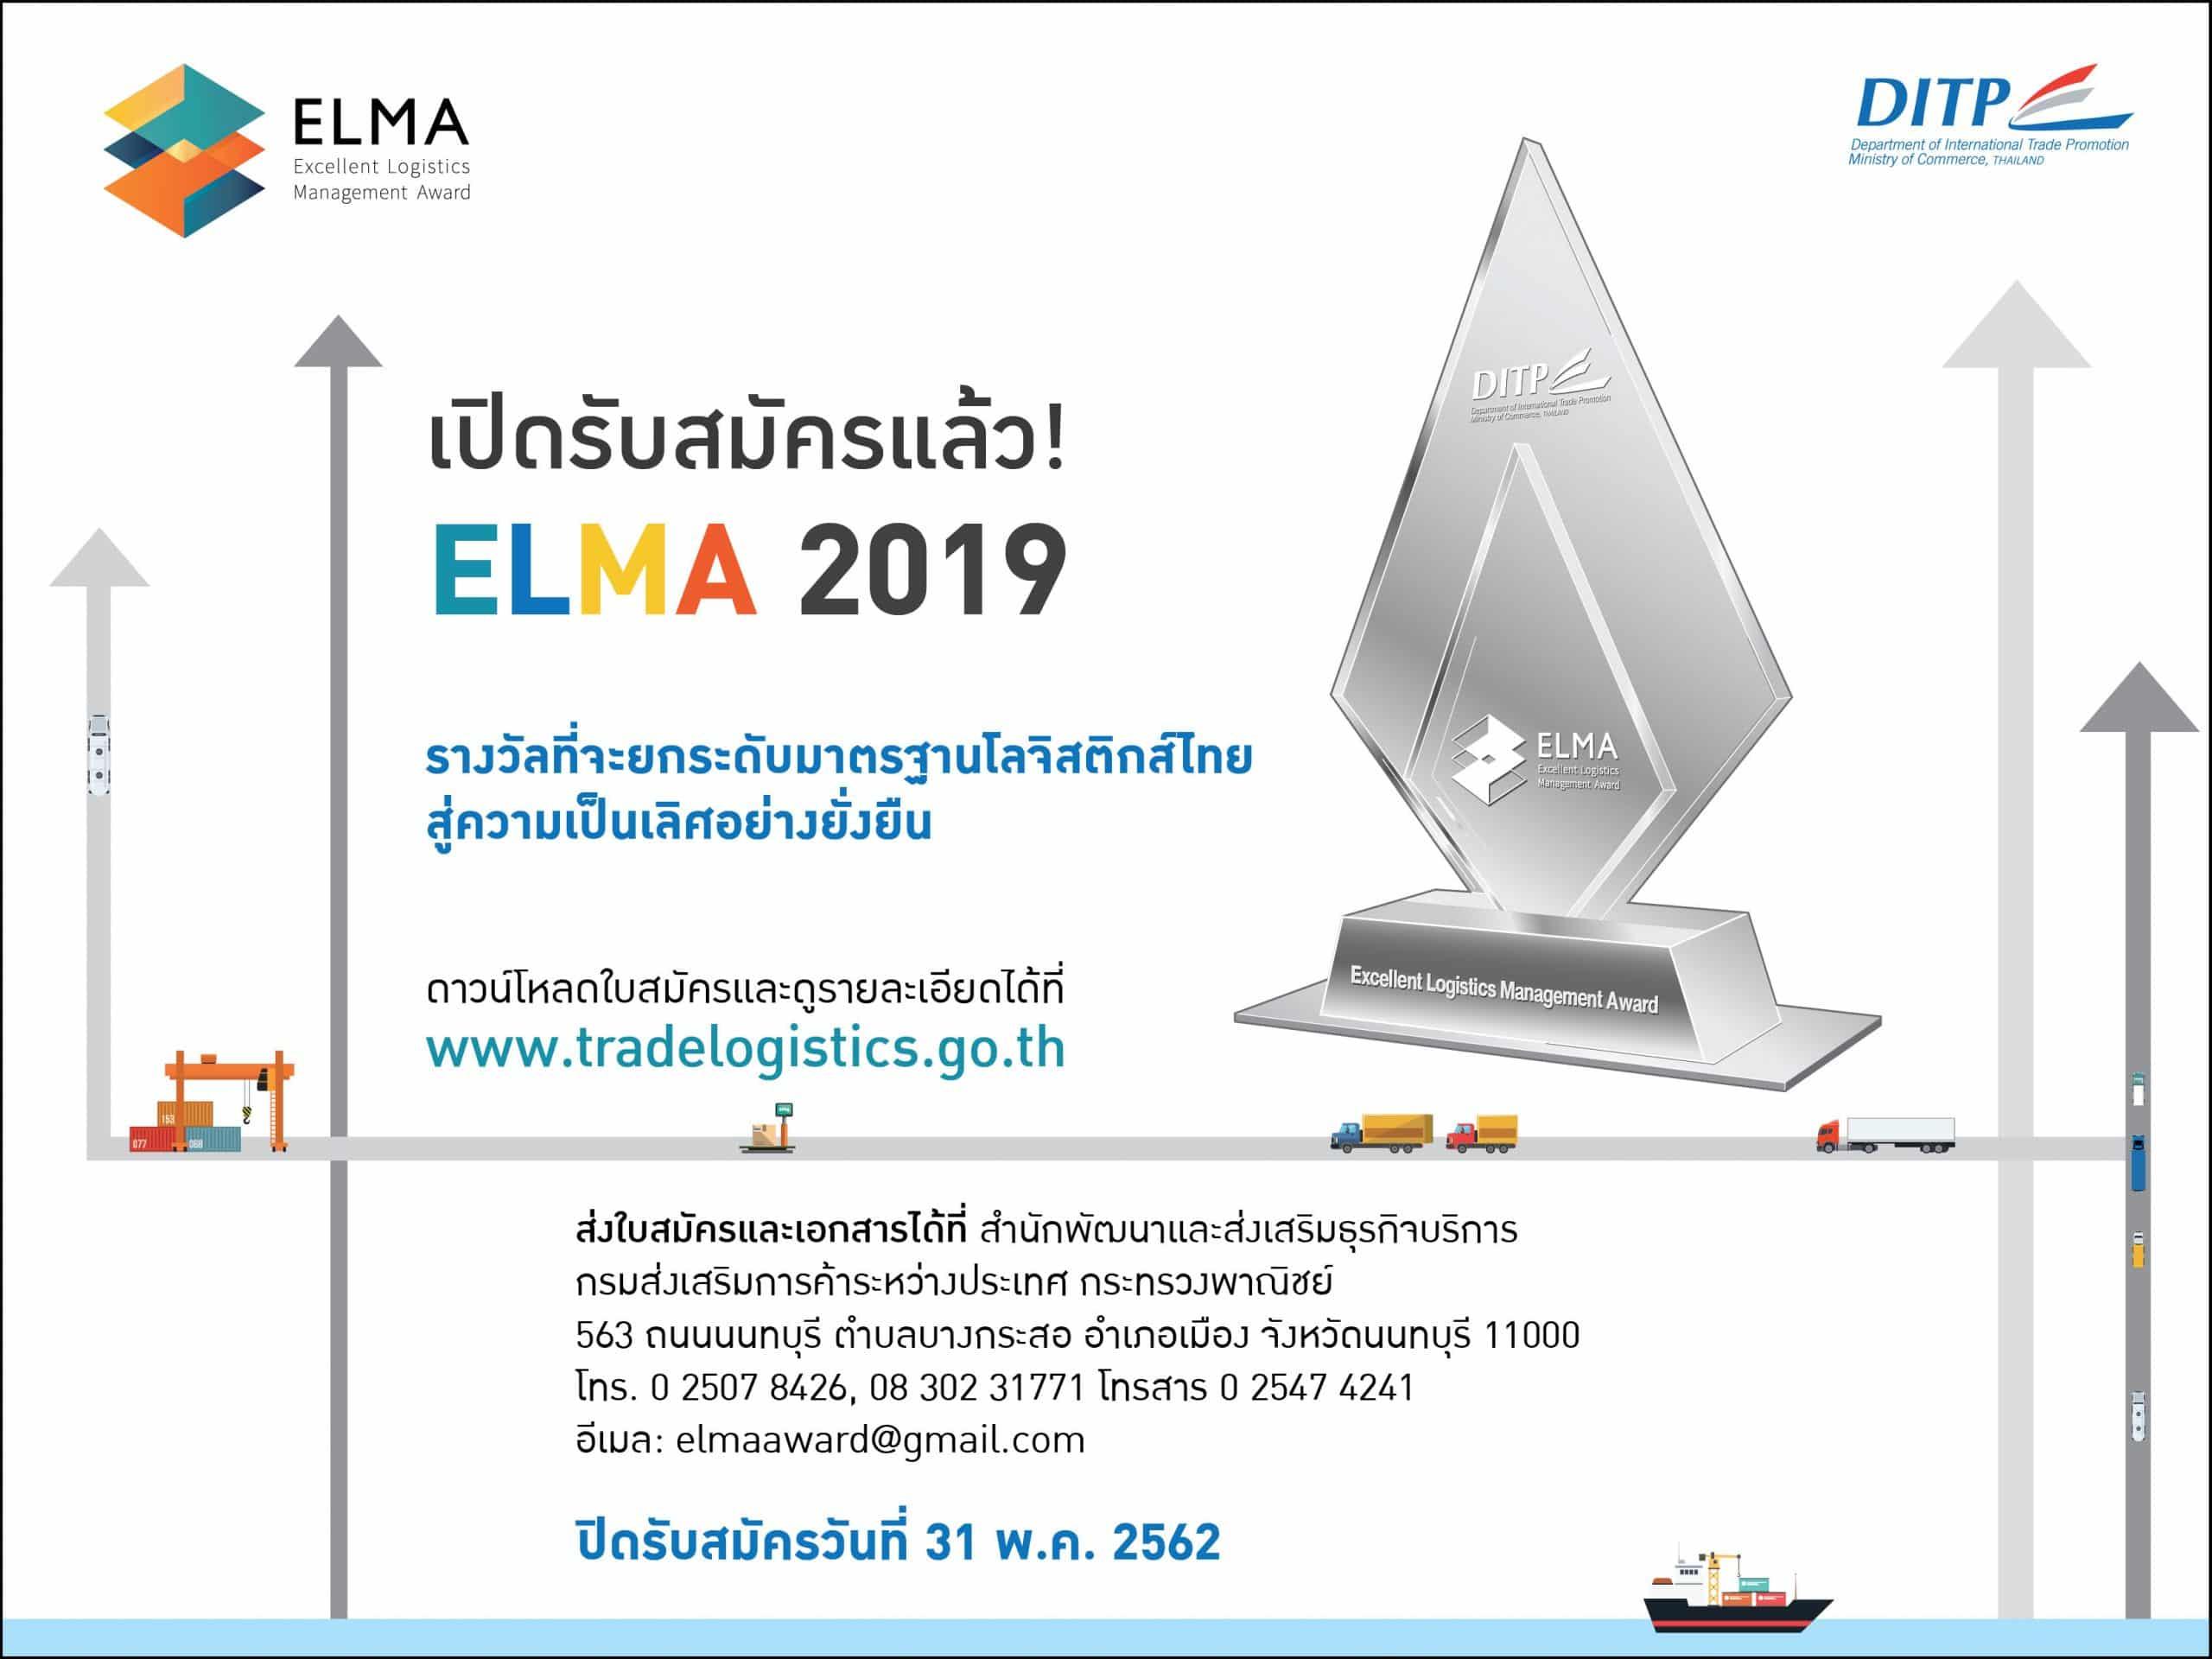 กระทรวงพาณิชย์ เปิดรับสมัครผู้ให้บริการโลจิสติกส์ เข้าประกวดรางวัล ELMA 2019